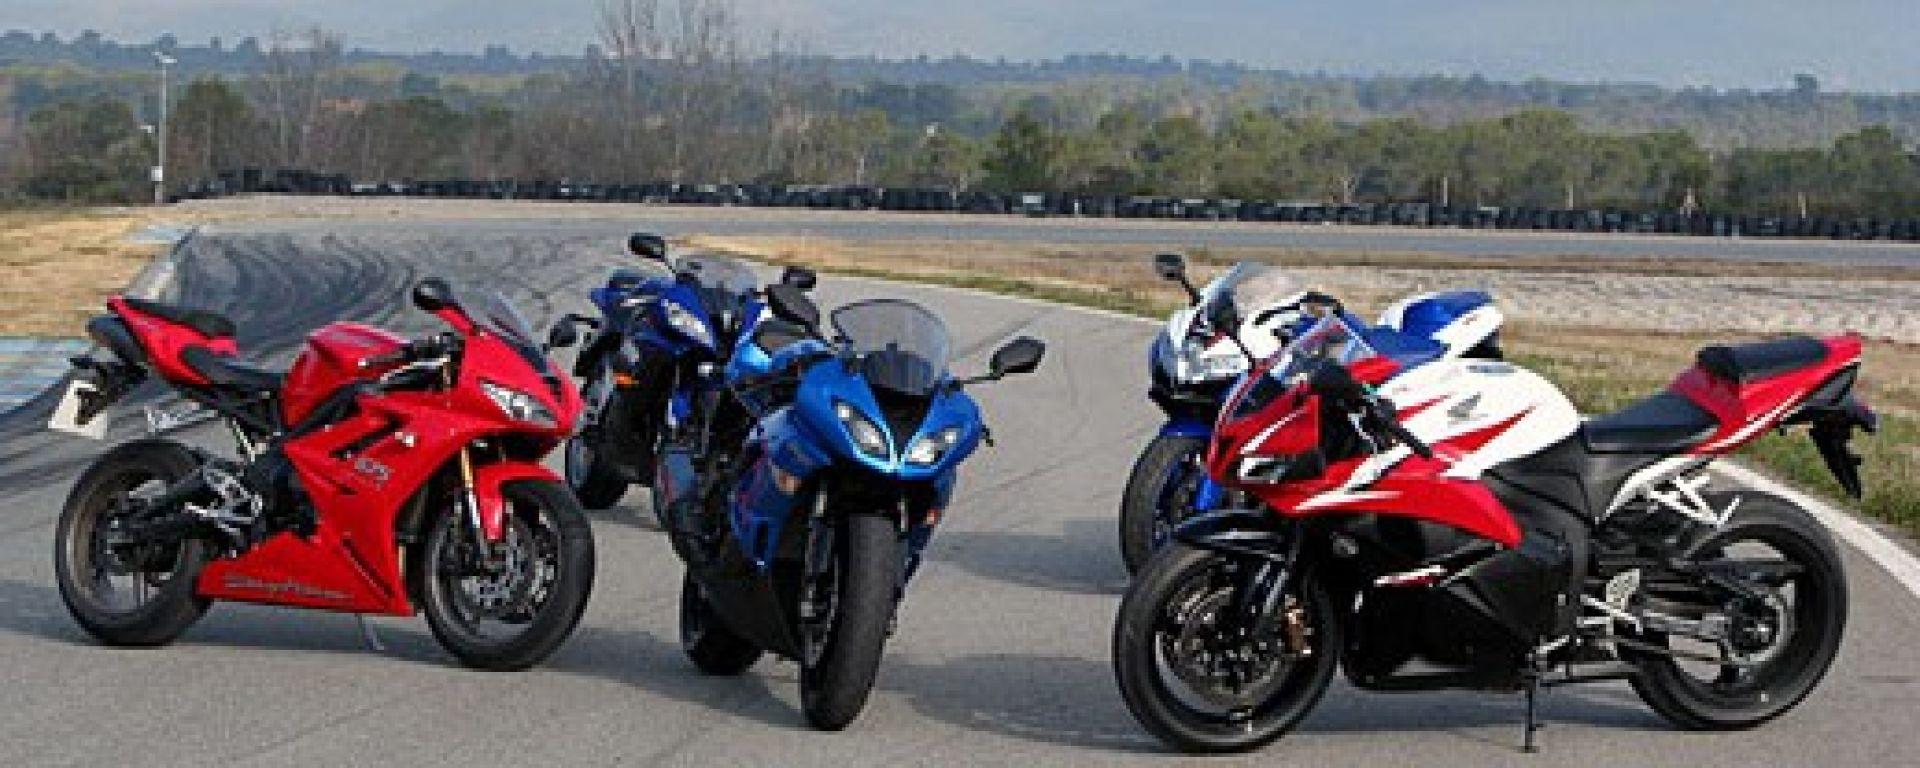 Supersport 600 2009